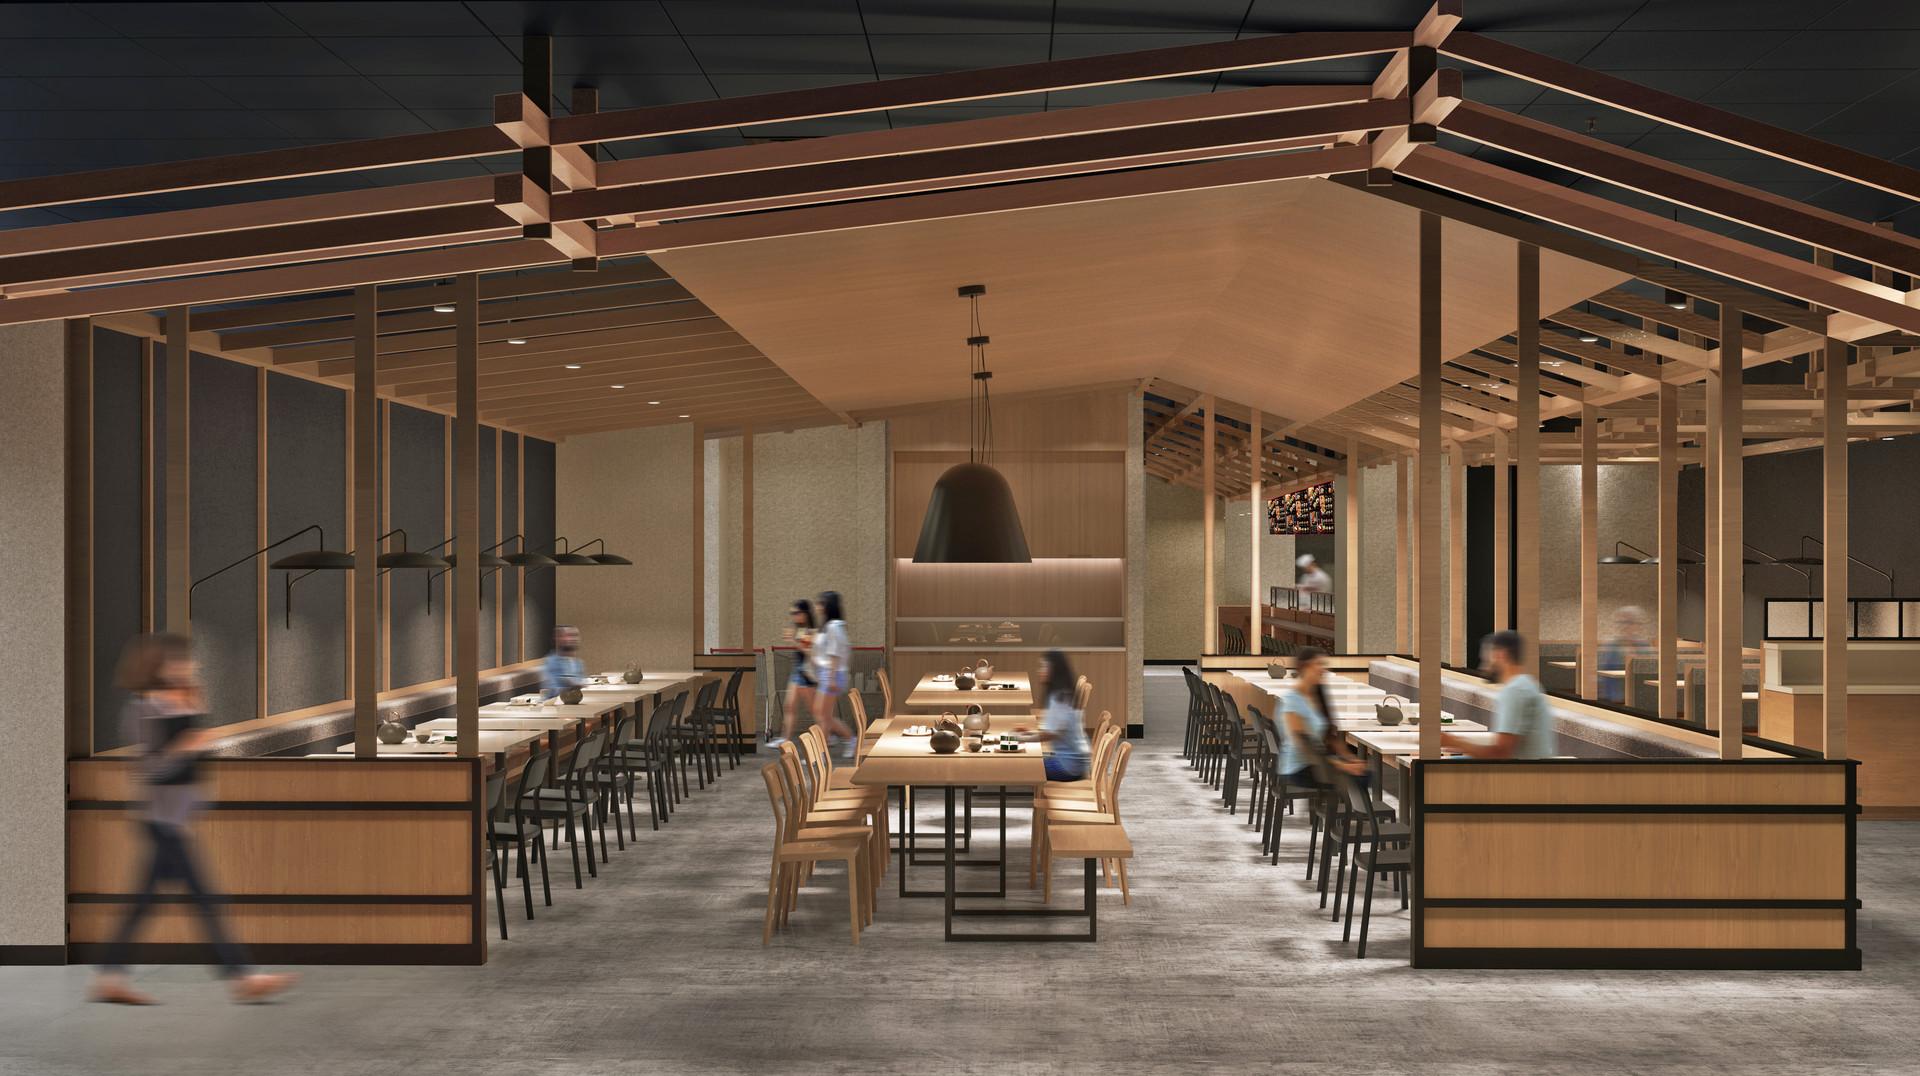 Dining Room_Final Rendering.jpg